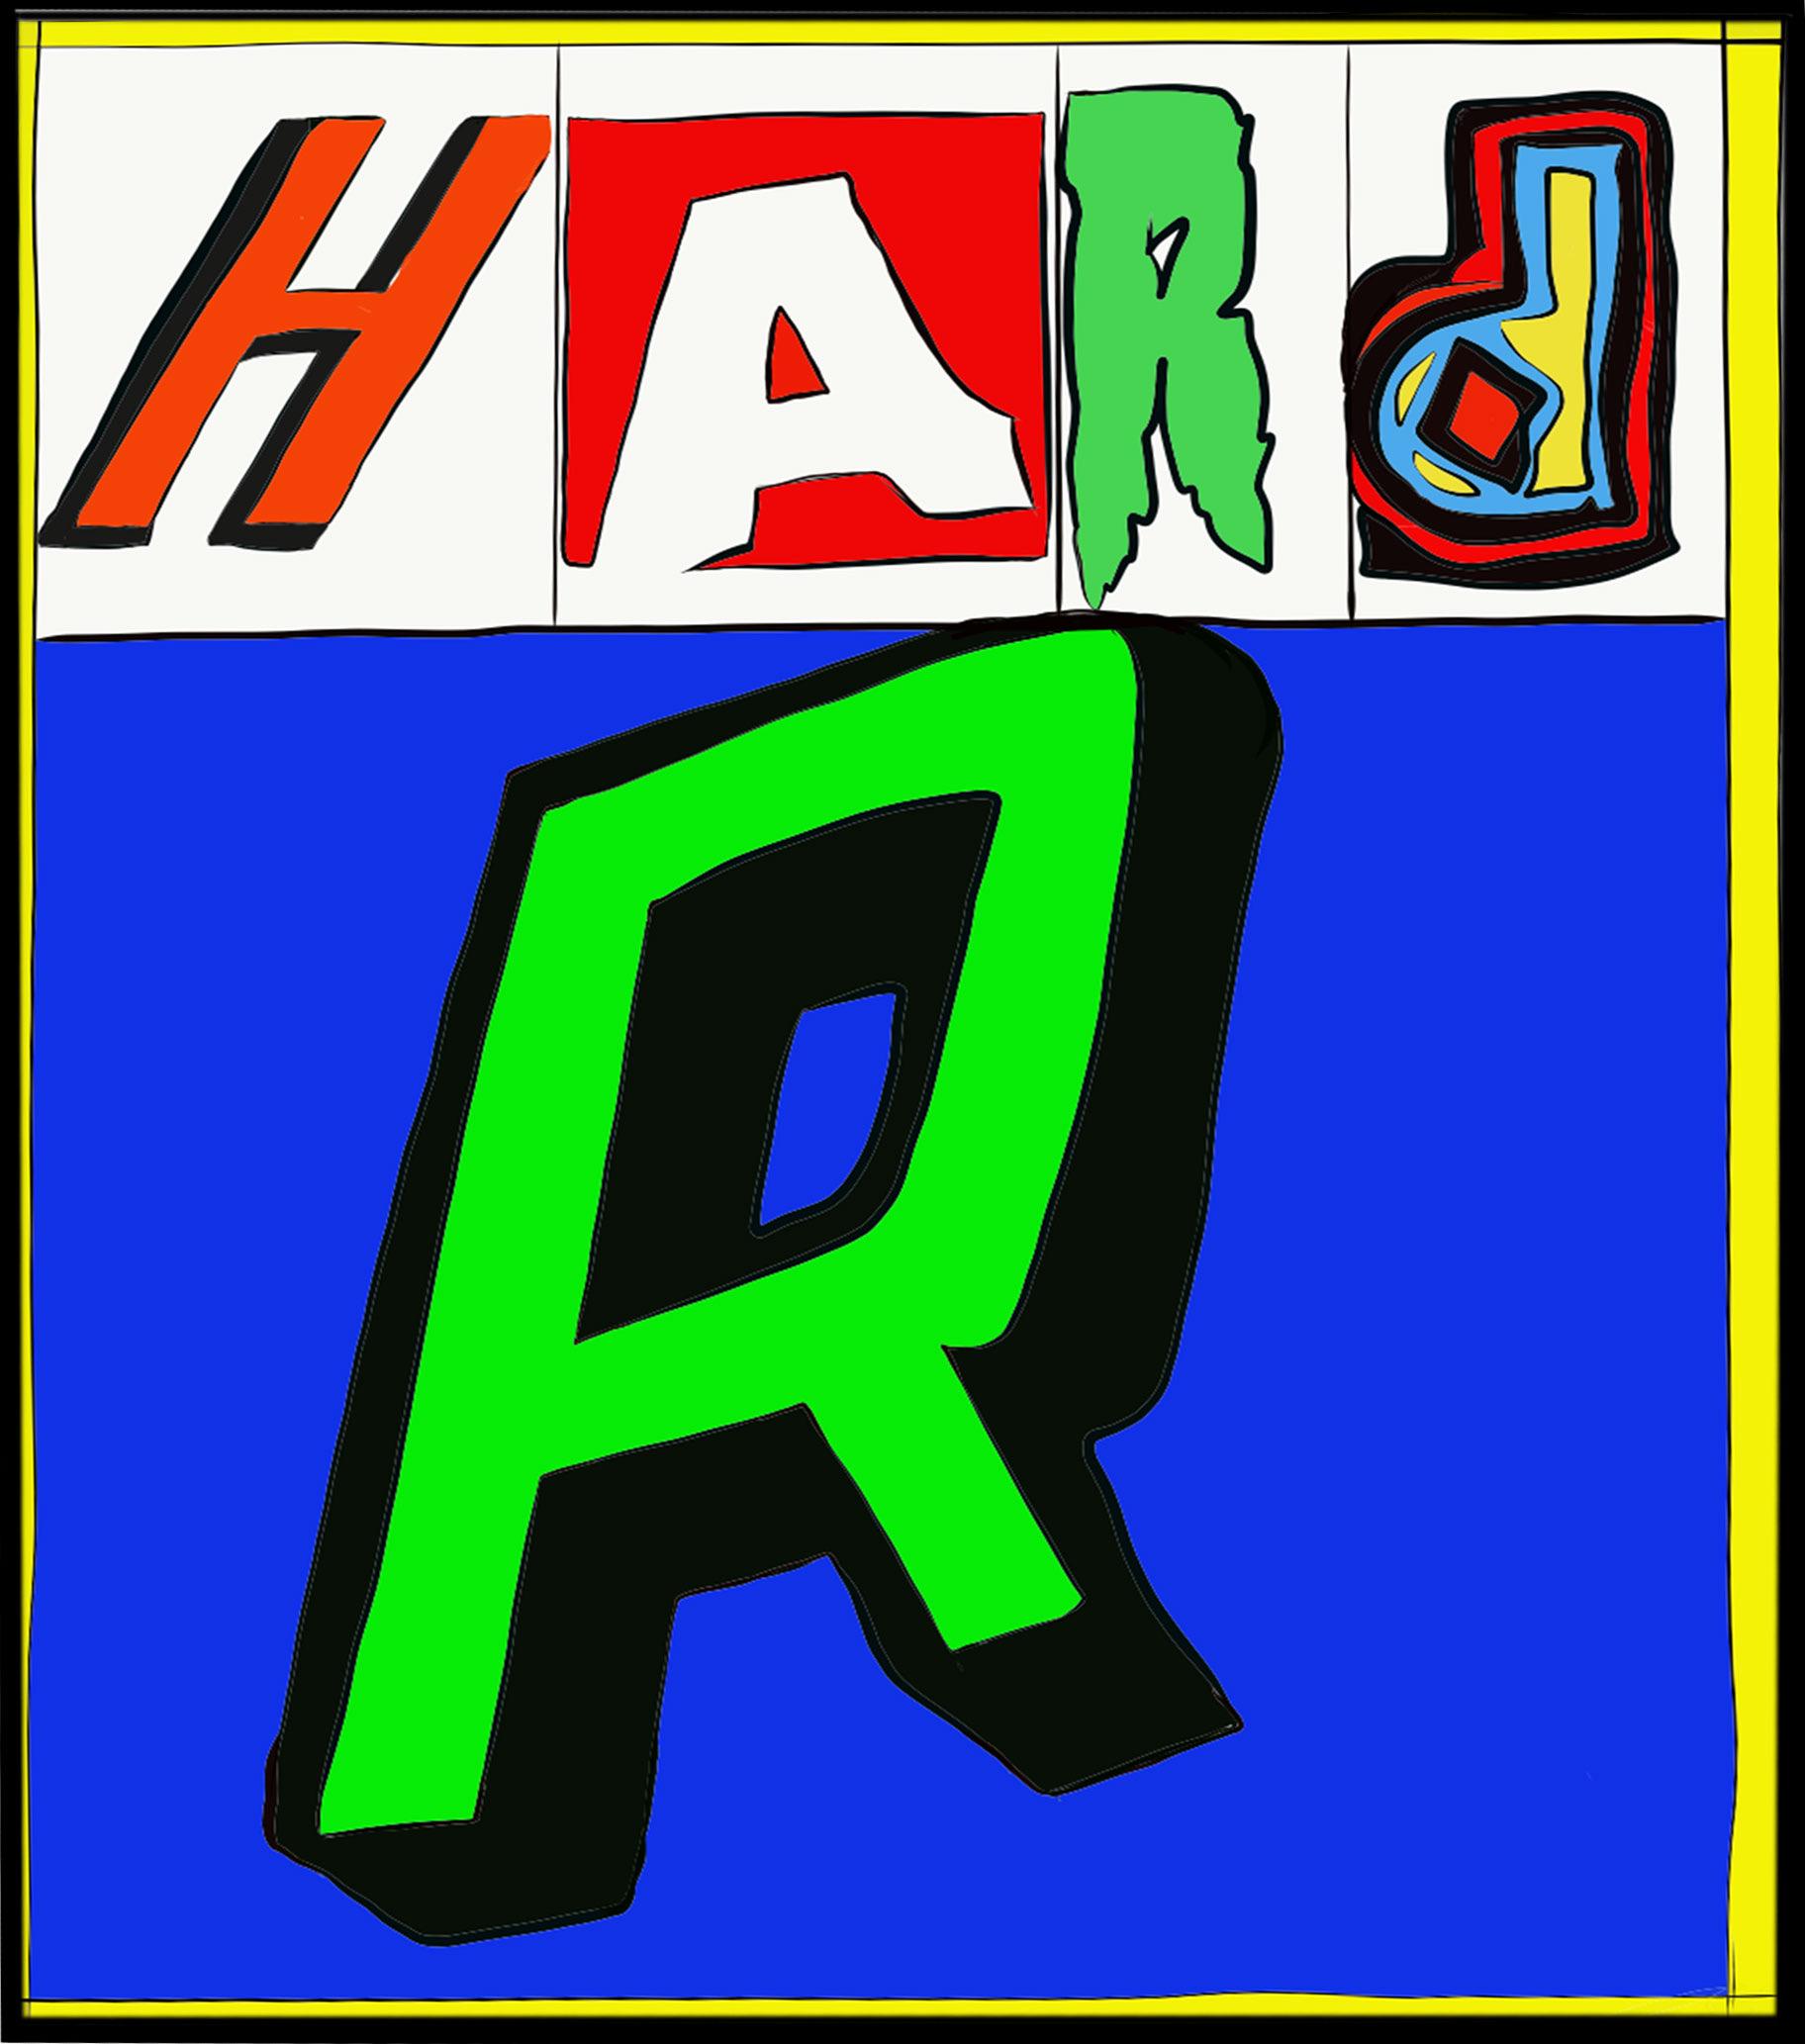 the hard R